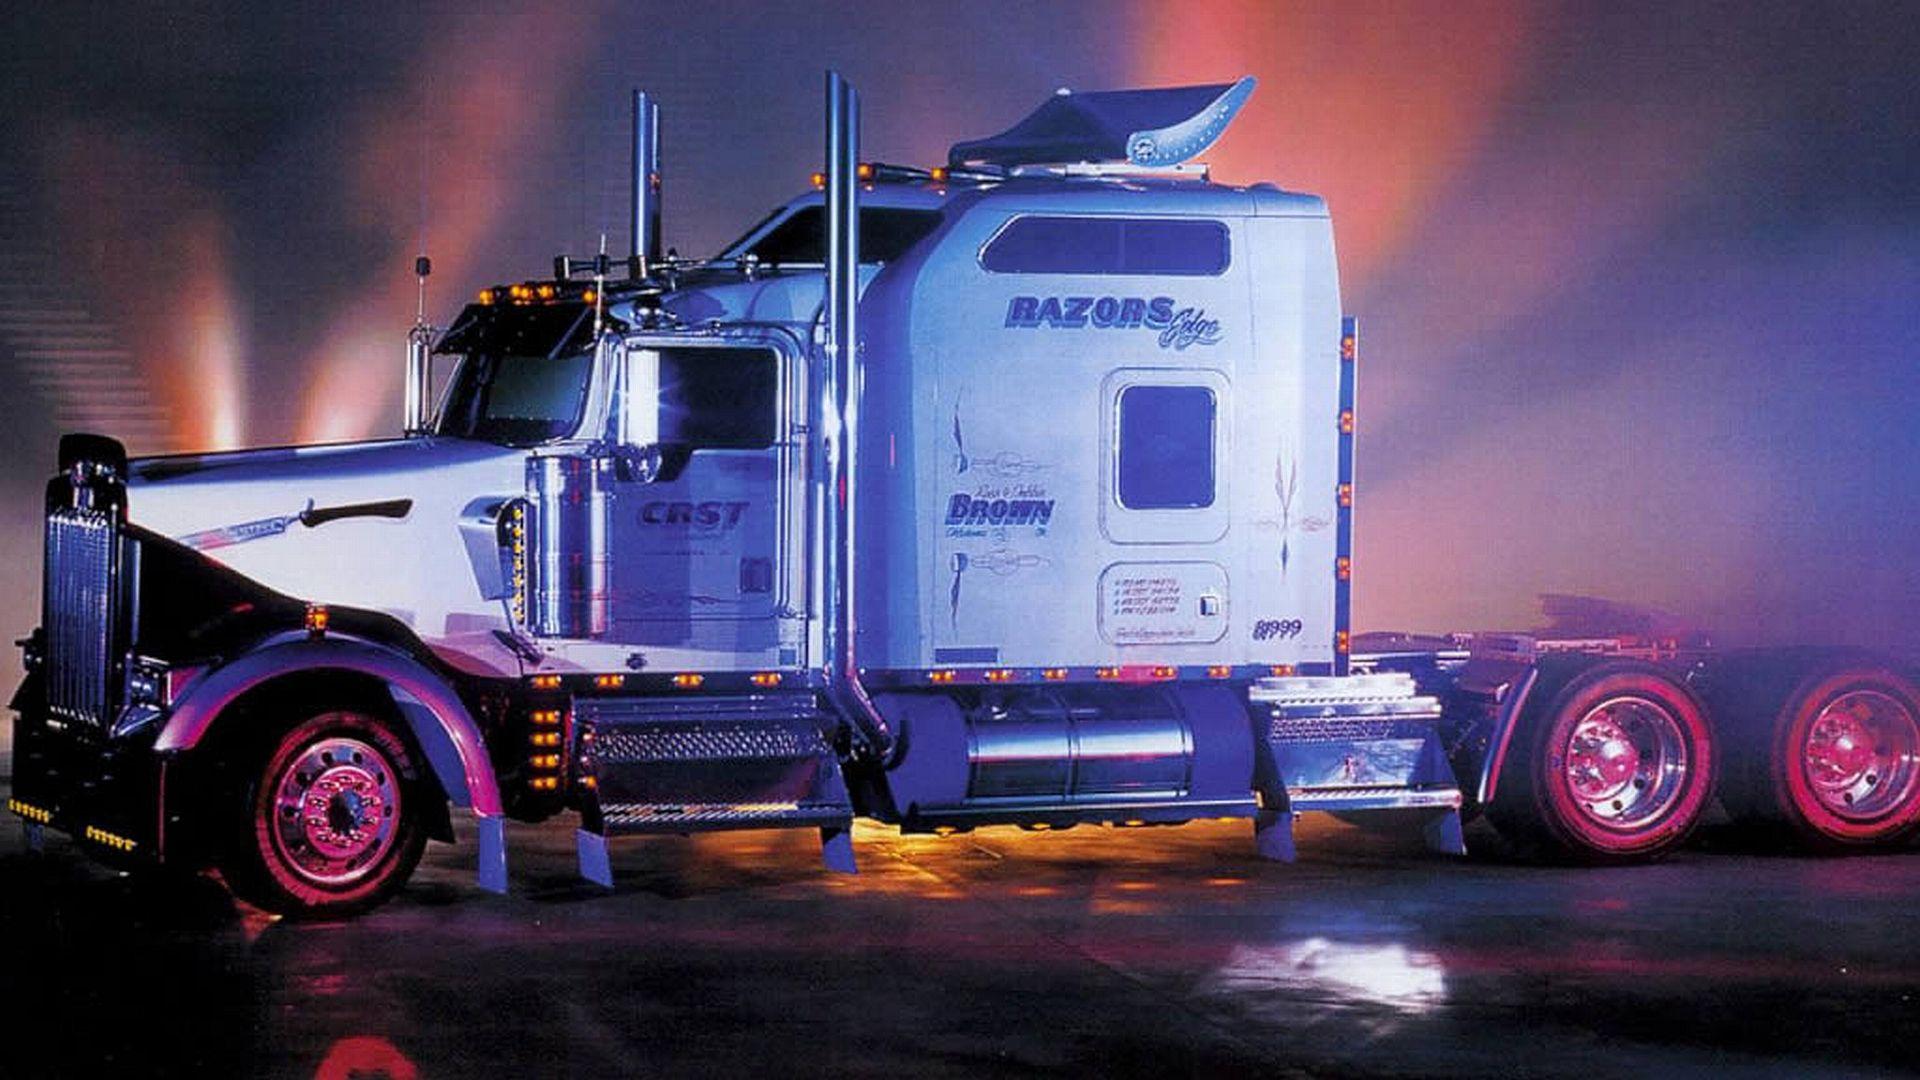 Truck Wallpaper Hd Wallpapers High Definition 100 Hd Quality Truck Wallpaper Trucks Truck Pictures